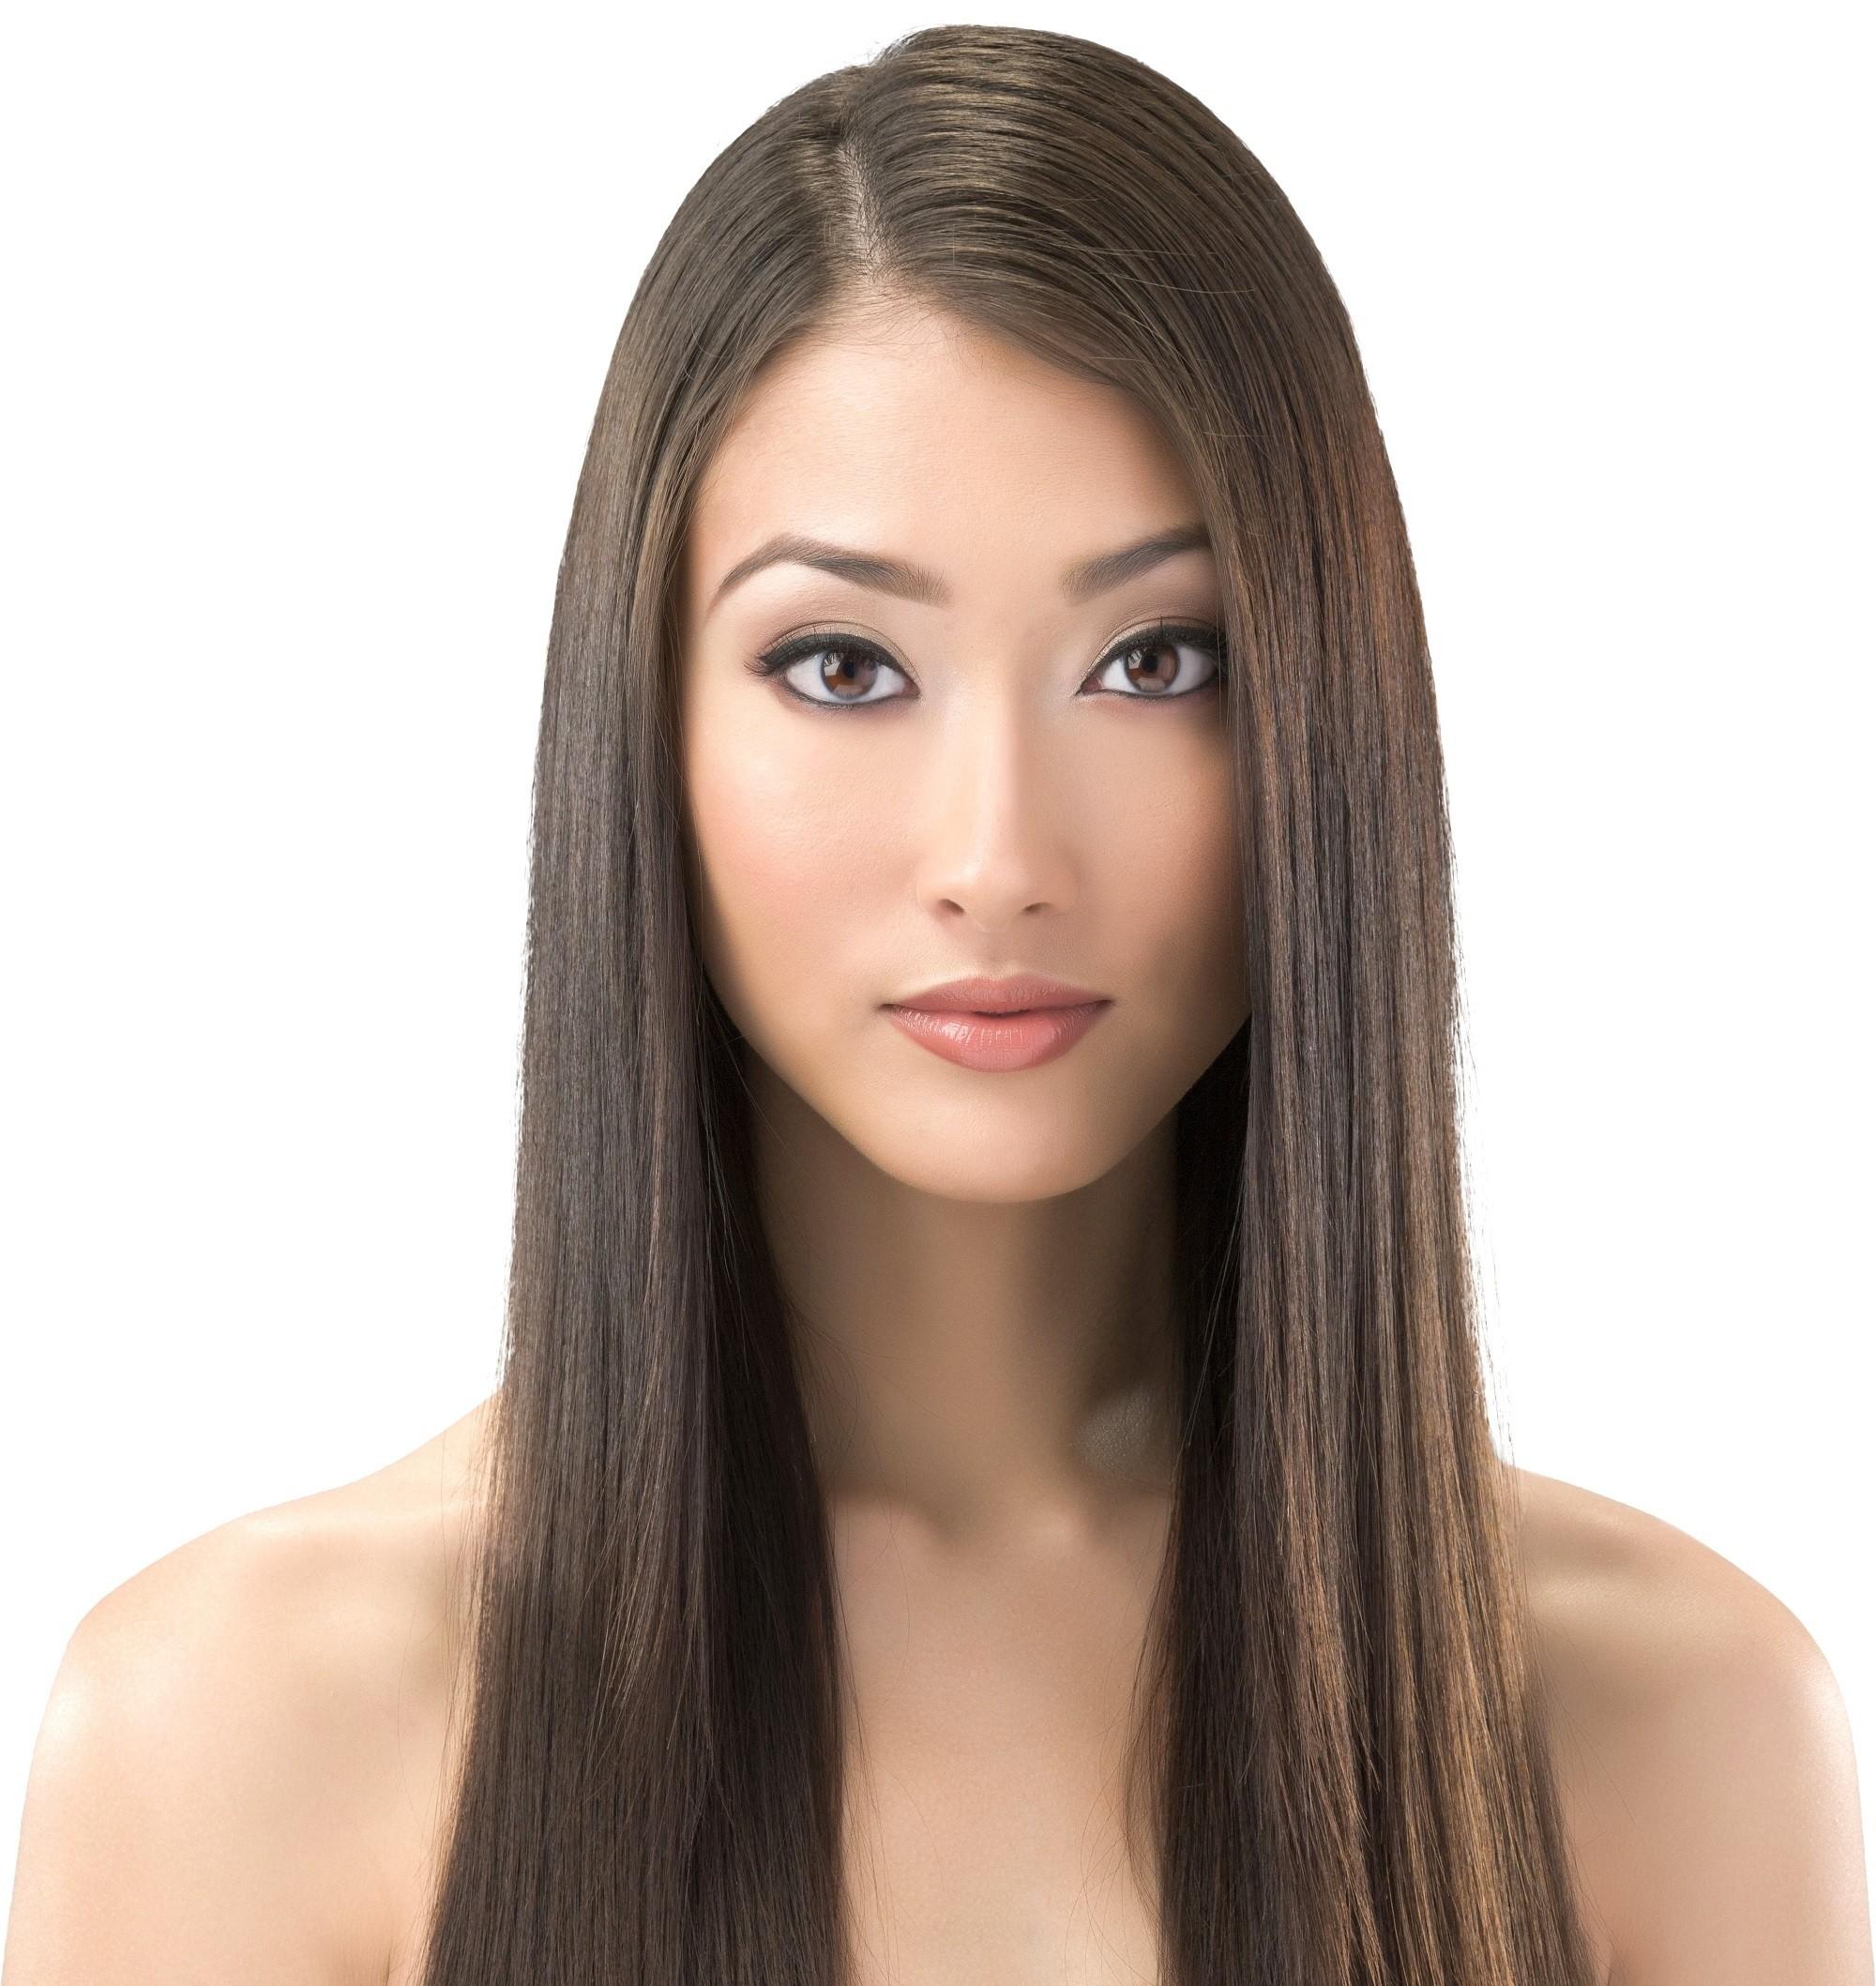 Mermaid hair ideas 4: Long, straight hair